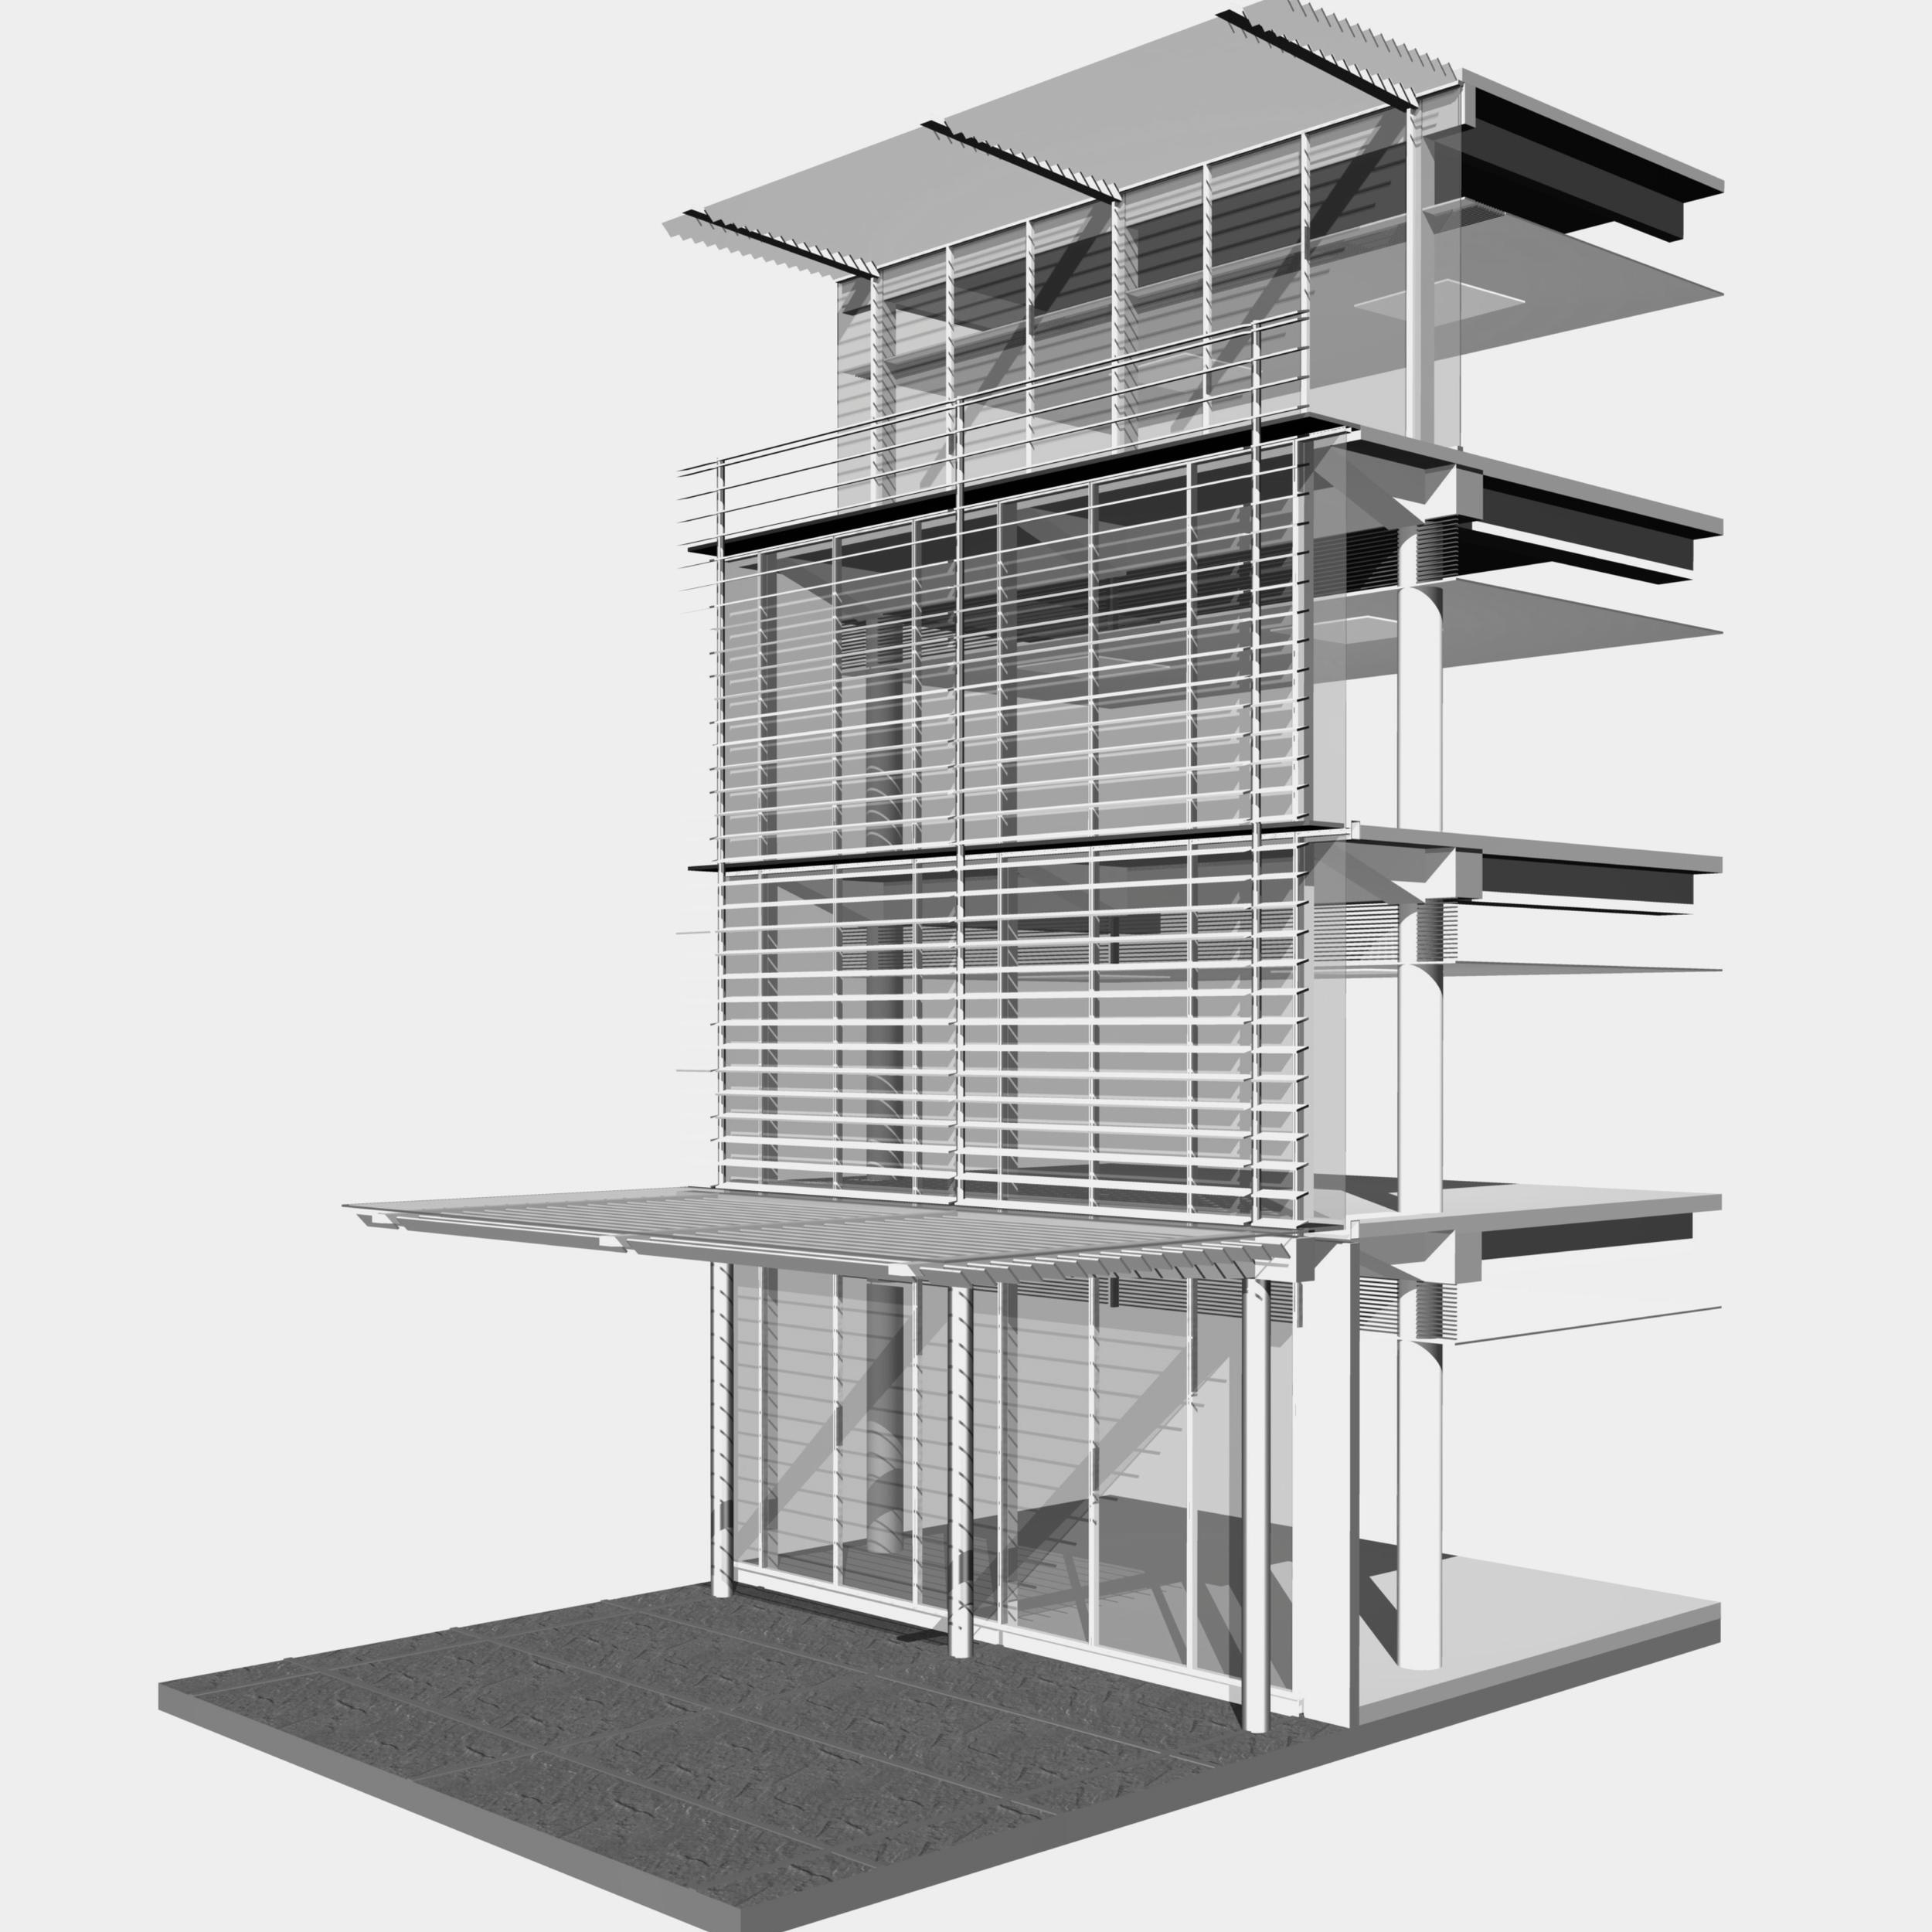 façade digital model